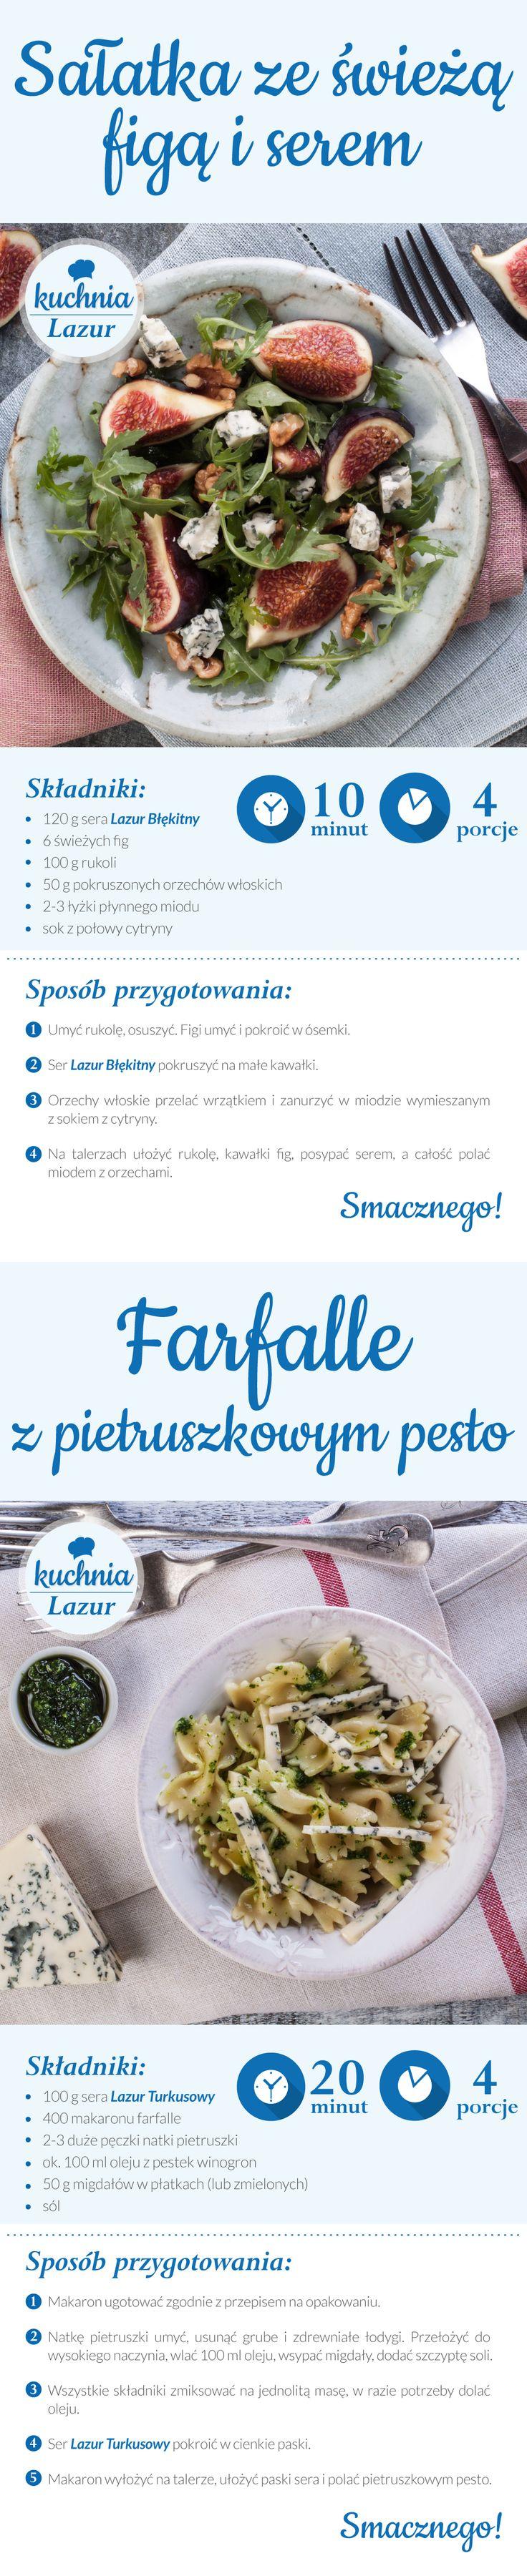 Projekt przepisów na Pinteresta dla firmy Lazur | www.pinkelephant.pl